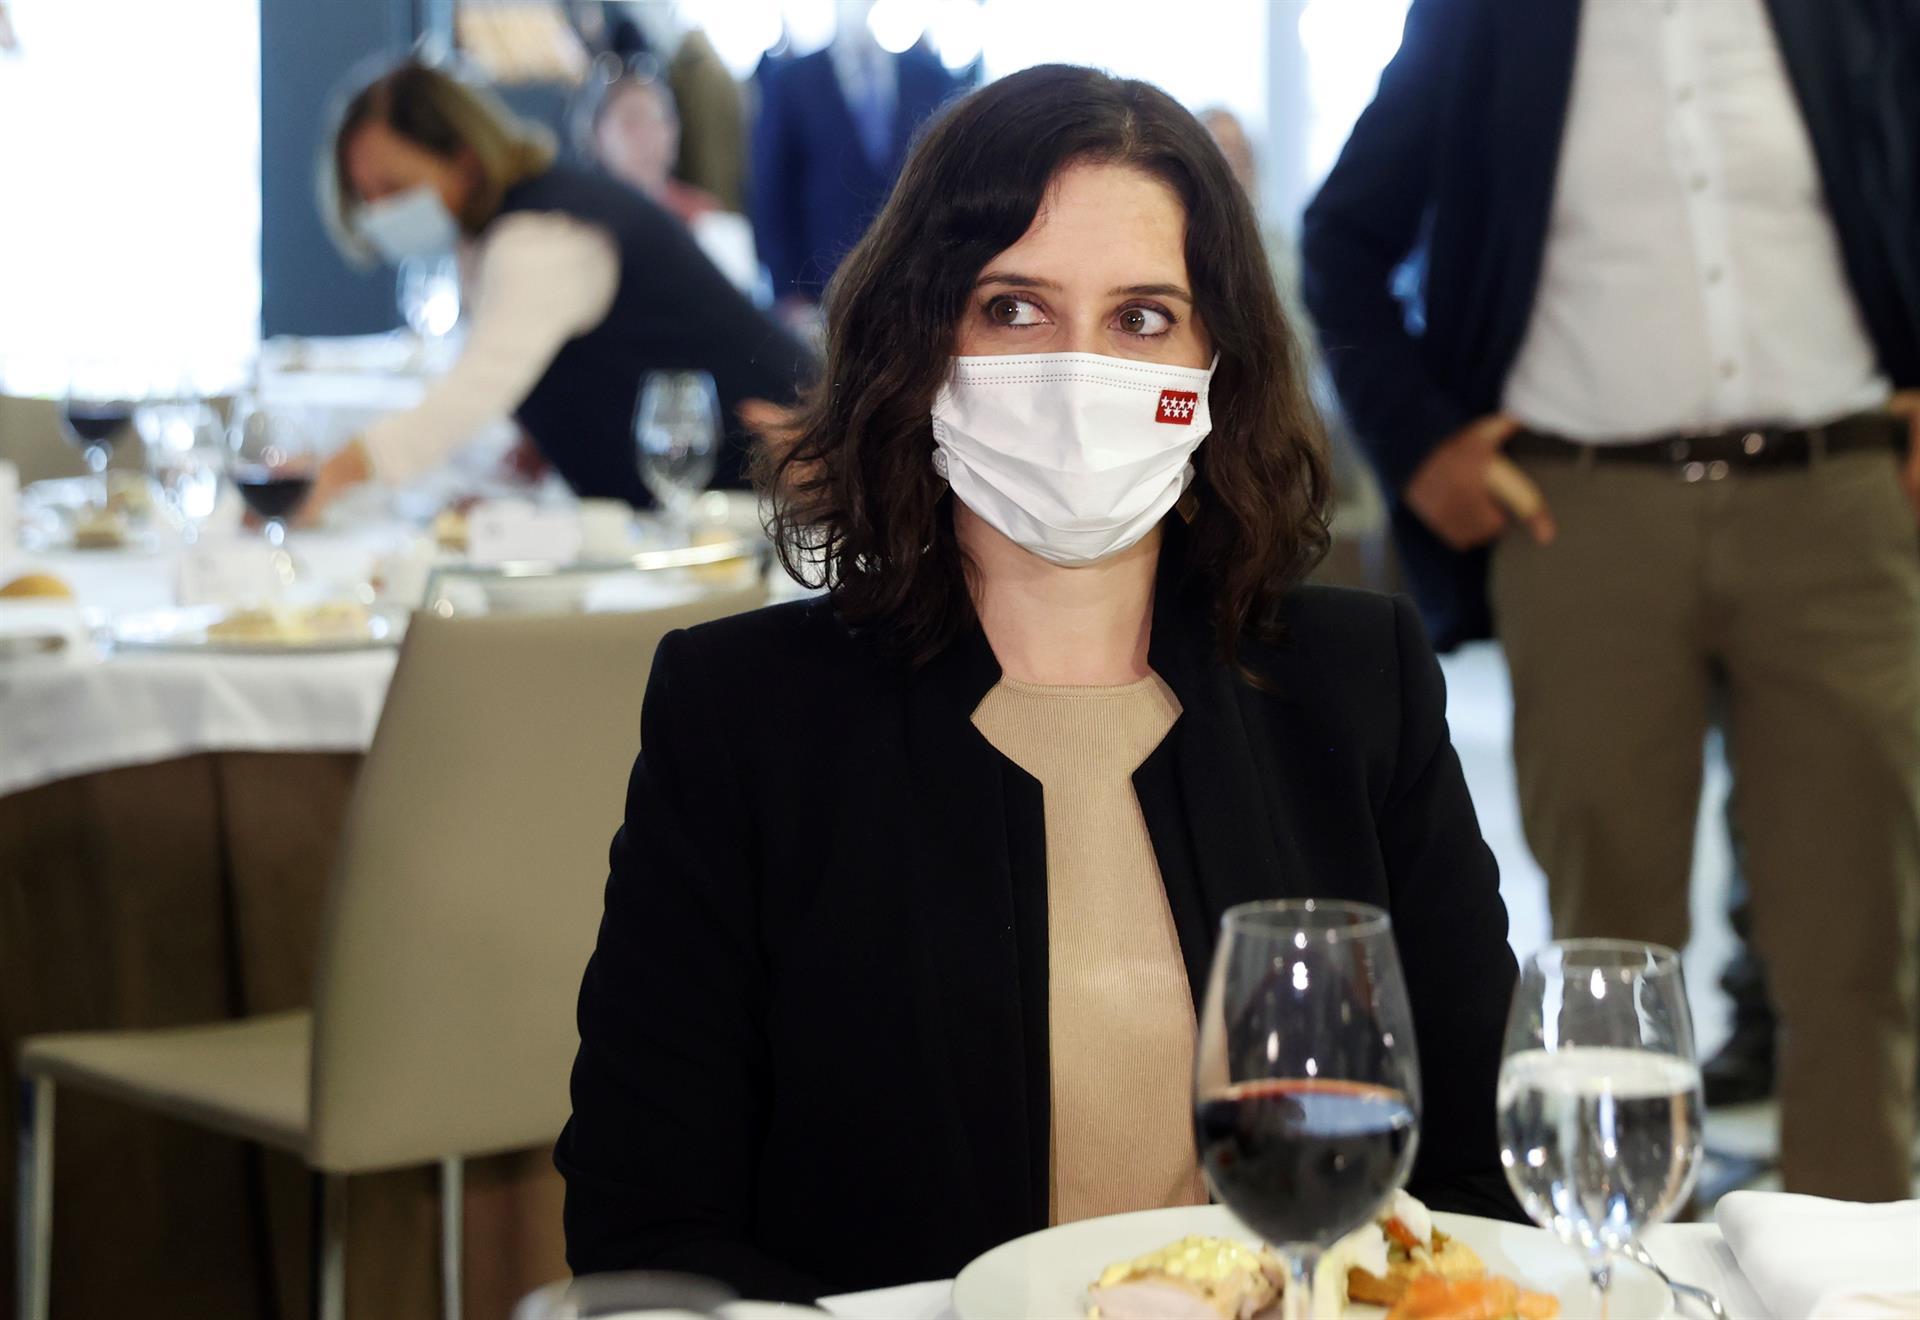 La presidenta madrileña y candidata popular a la reelección, Isabel Díaz Ayuso (c), asiste a un almuerzo coloquio del Club Siglo XX este miércoles en un hotel madrileño. EFE/Chema Moya